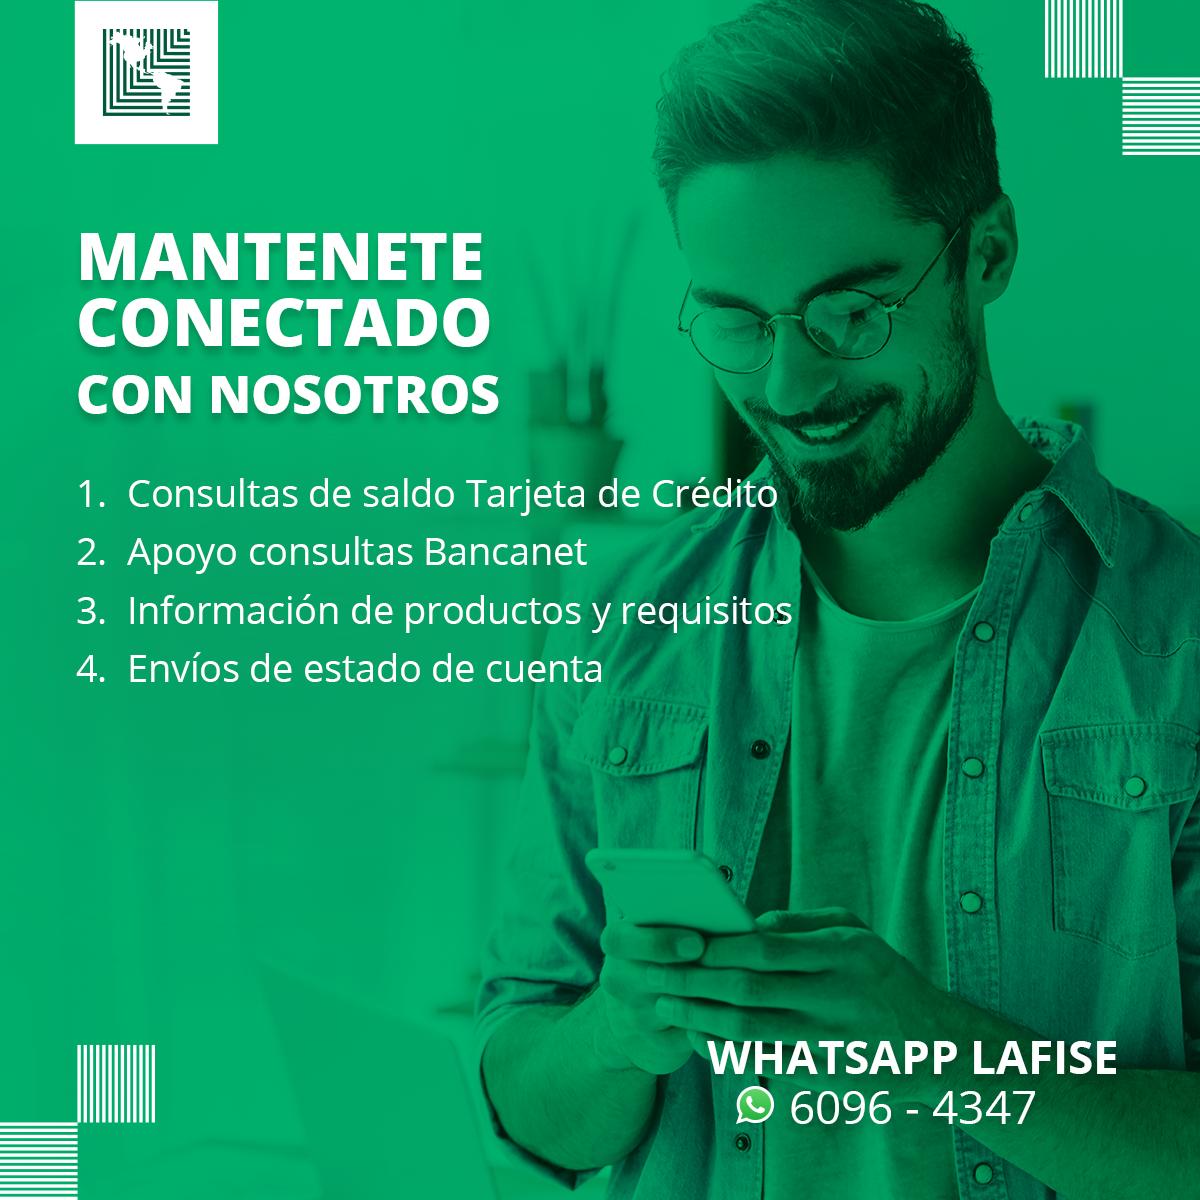 ¿Ya nos tenés en WhatsApp? 📲  ¡Agregá  nuestro número 6096-4347 y resolvé  tus consultas bancarias en minutos desde la comodidad de tu hogar! 💳🙌  ¡Cuidate y cuidá  a los tuyos! 🙌  ➡️Visitá nuestro portal aquí: https://t.co/dHFRwV5mhe  #WhatAppLAFISE #QuedateEnCasa https://t.co/IJCqMMD79G